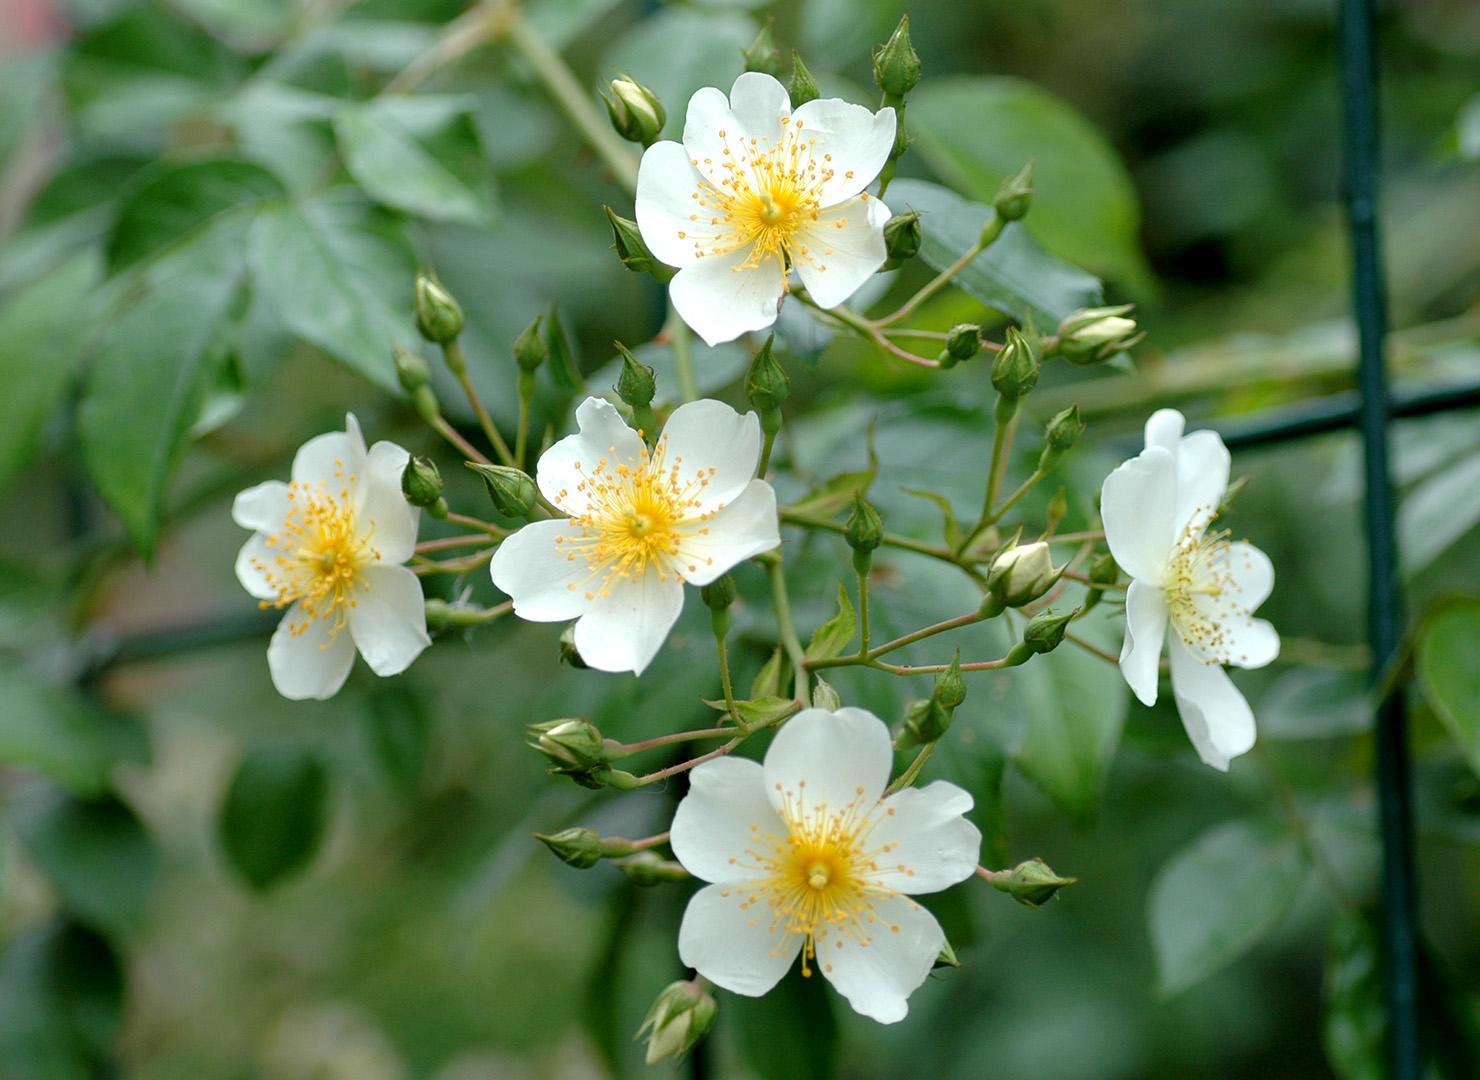 ロサ フィリペス キフツゲート - Rosa filipes 'Kiftsgate'